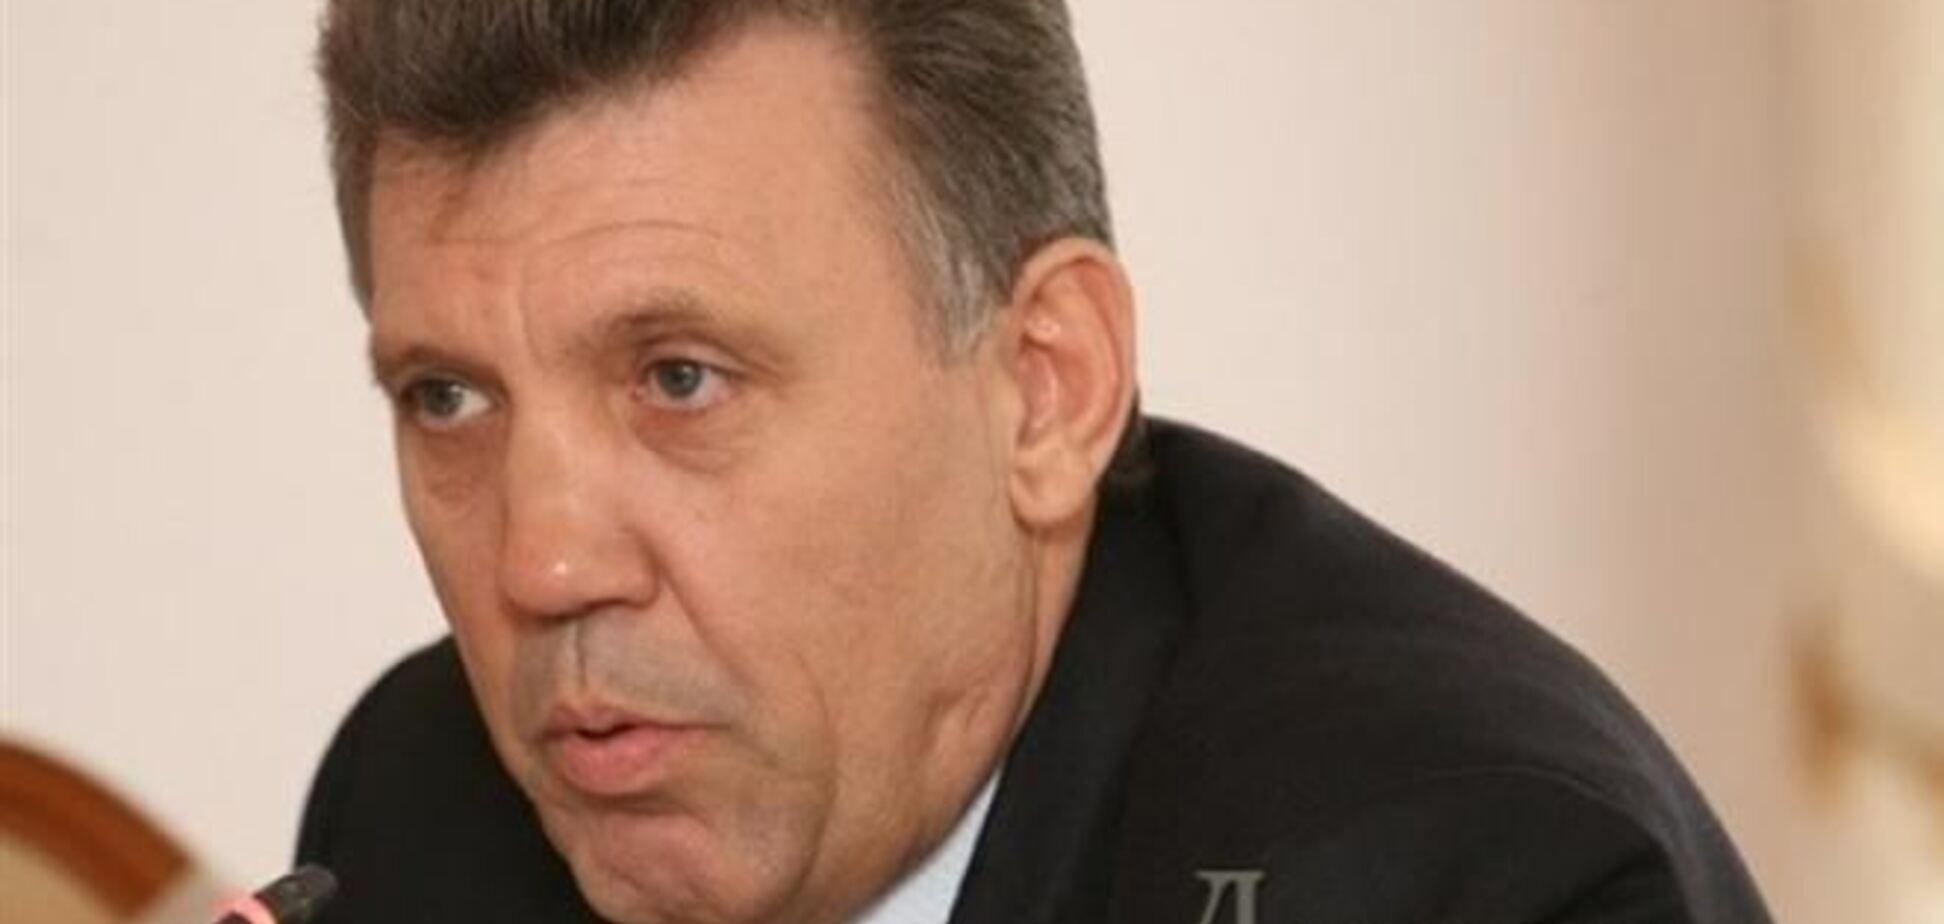 Ківалов про ситуацію з мером Одеси: святе місце порожнім не буває